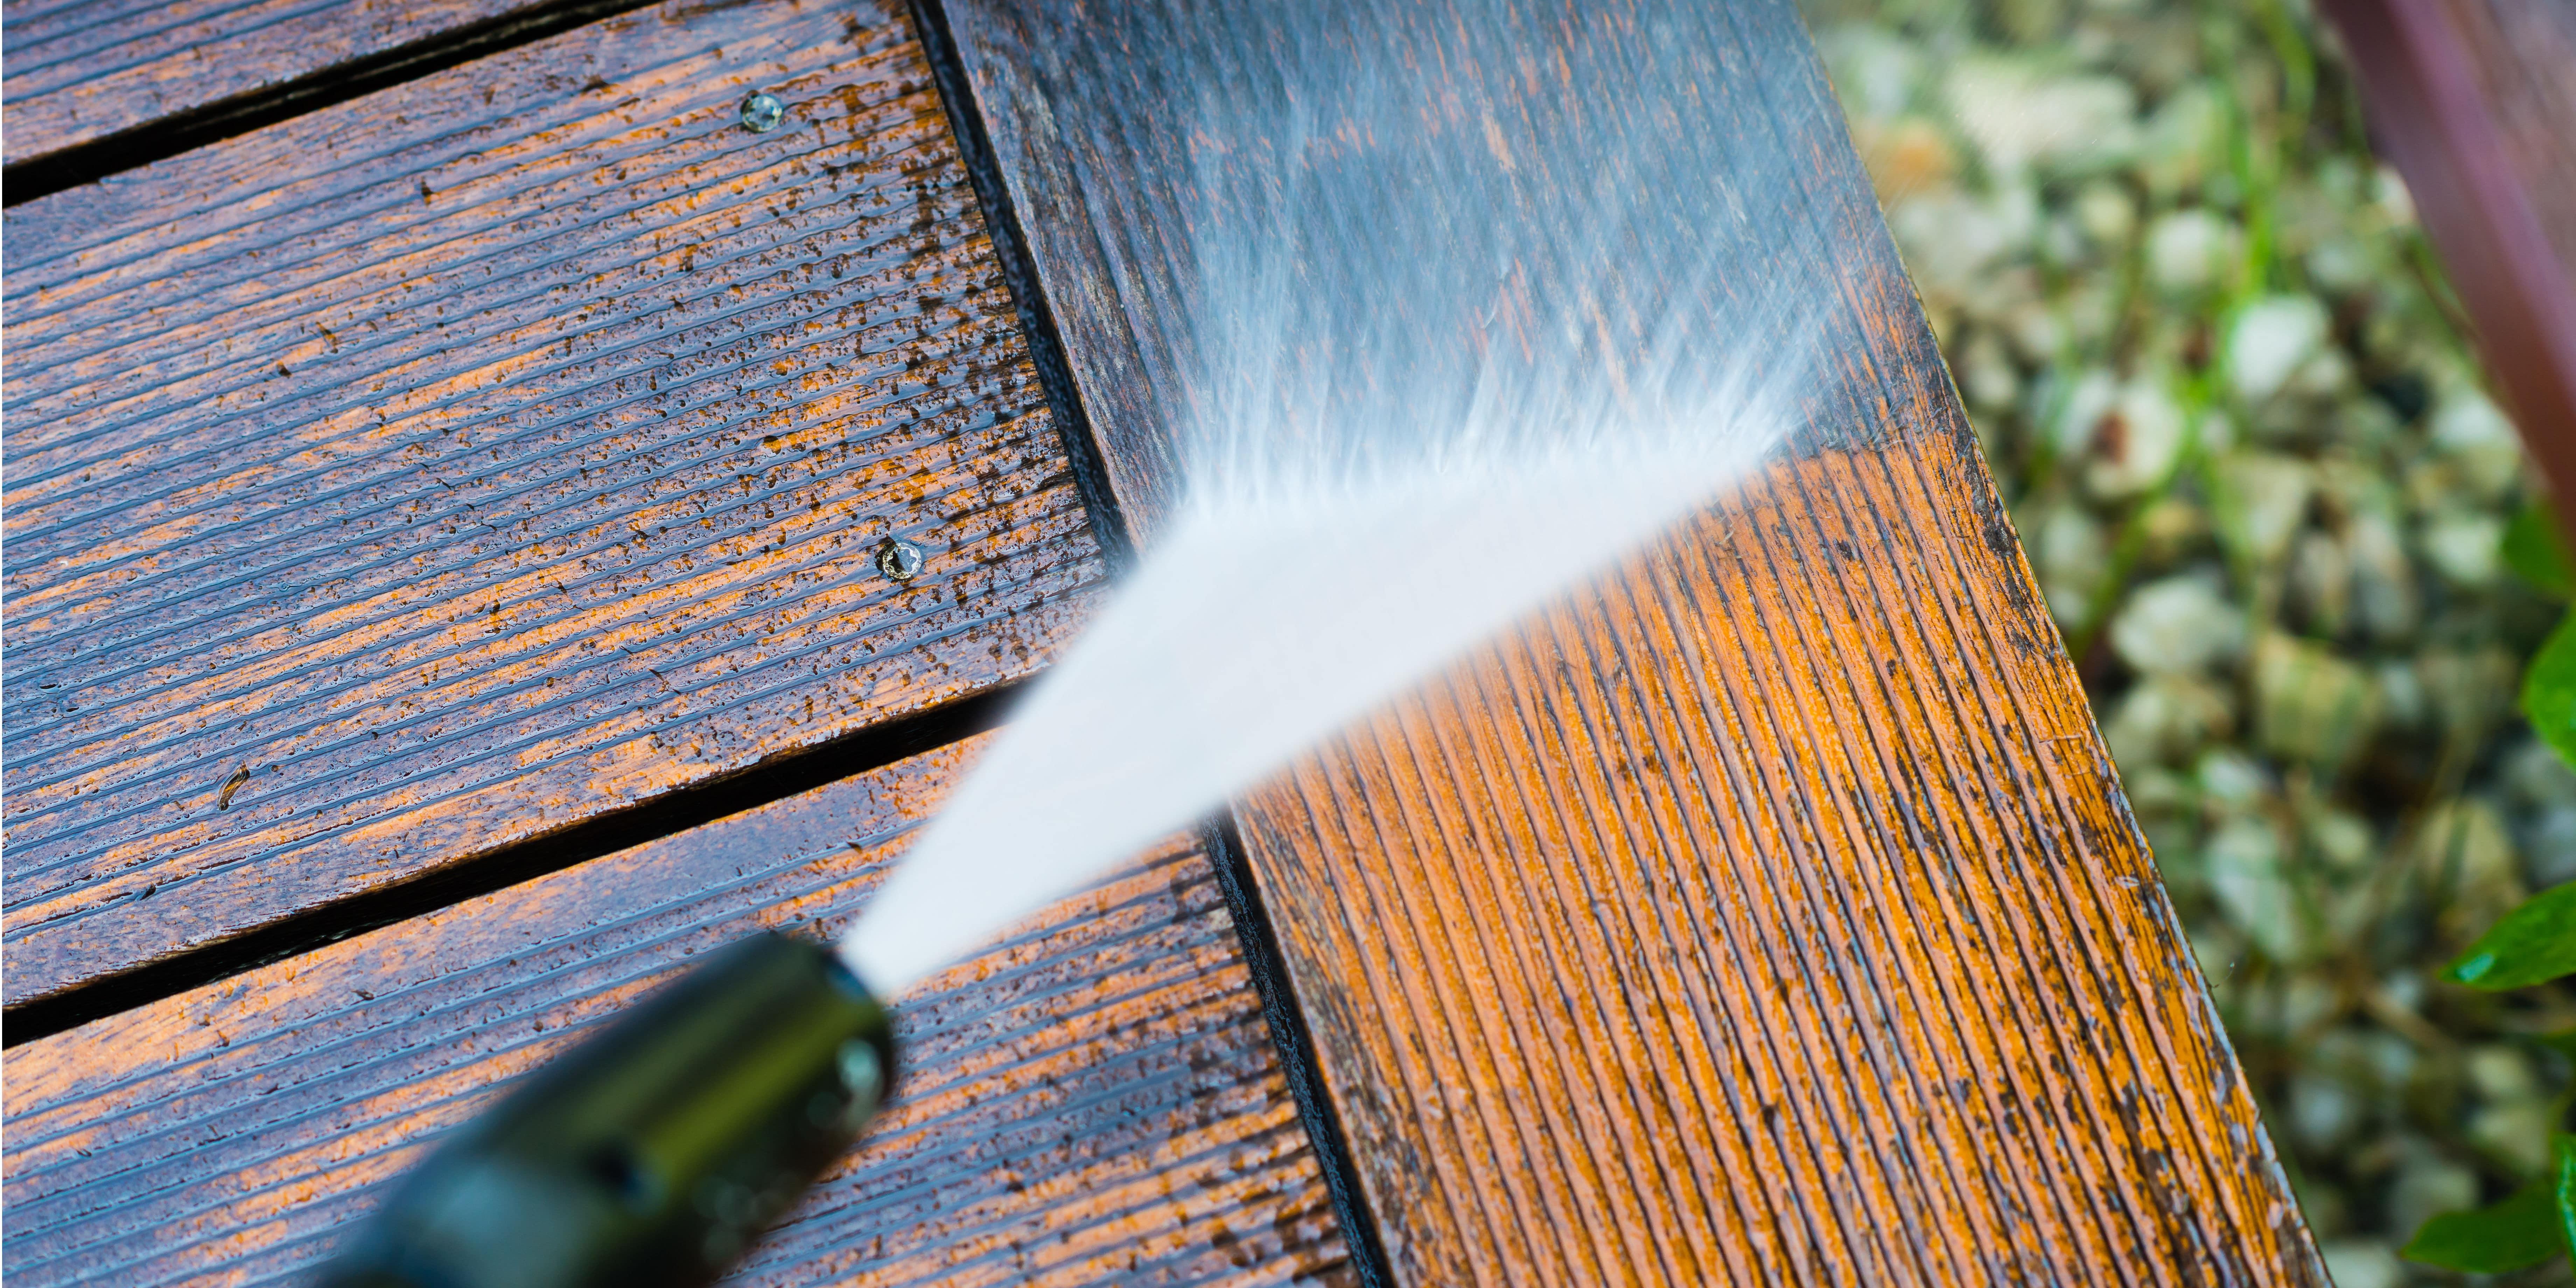 Verwijderen mos terras en oprit